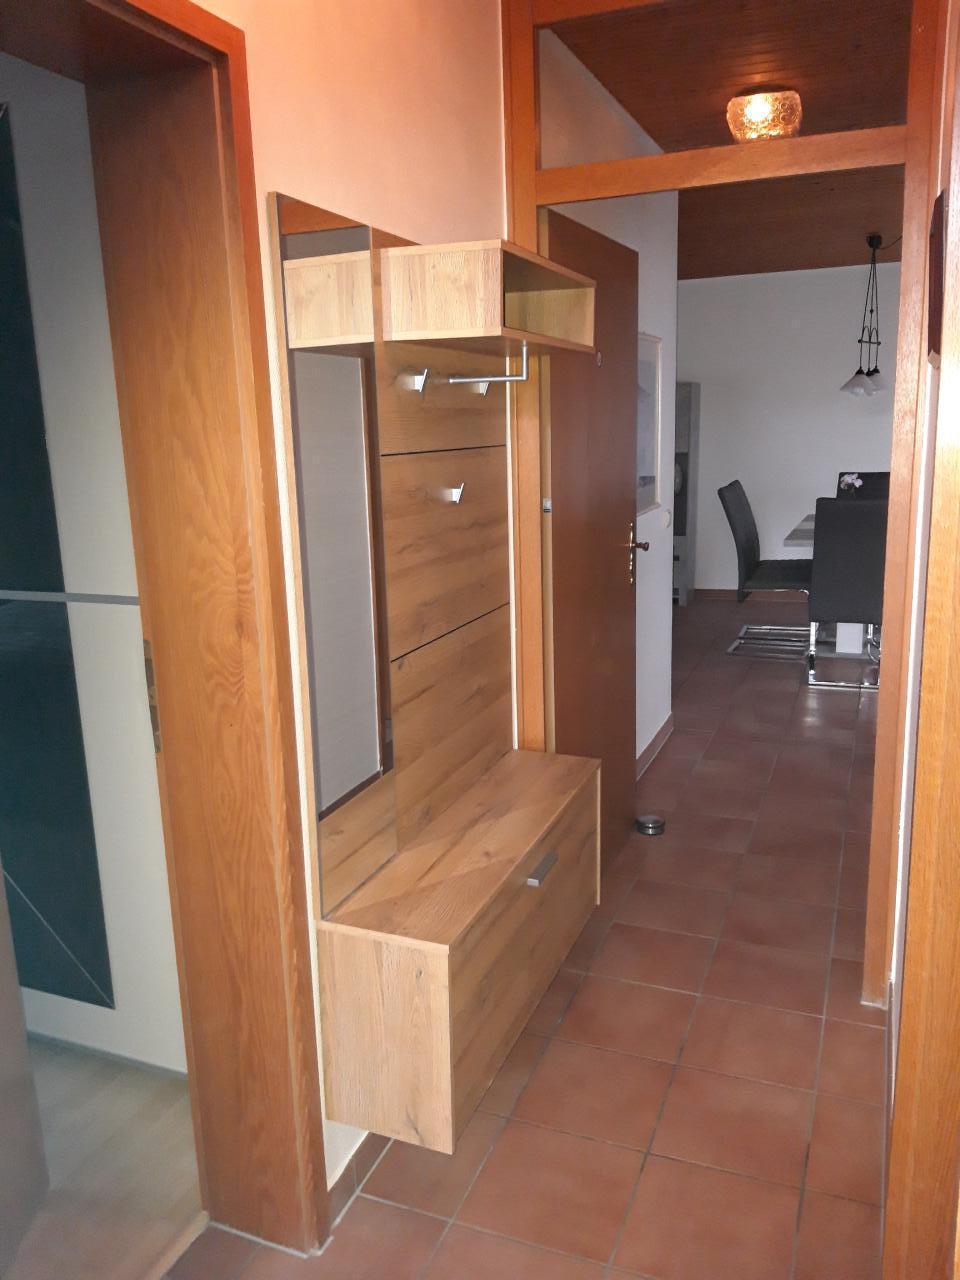 Ferienhaus Bungalow 6 neu renoviert für 4-6 Personen in der Rhön Residence Bungalows (757461), Dipperz, Rhön (Hessen), Hessen, Deutschland, Bild 4